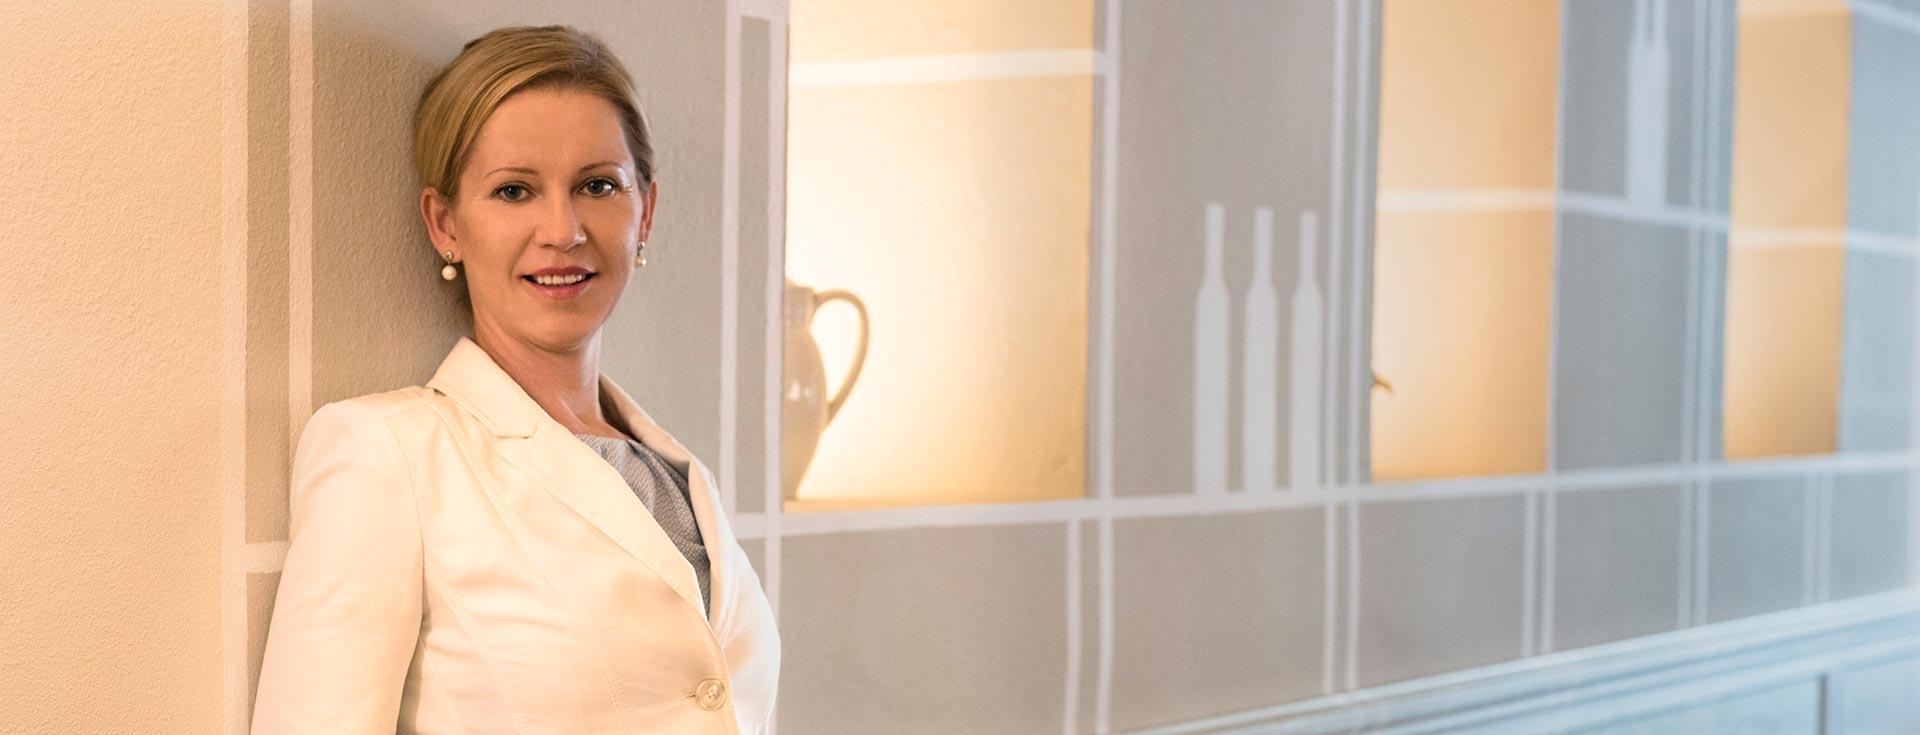 Gekonnt wirken - Janine Katharina Pötsch Knigge Trainerin München